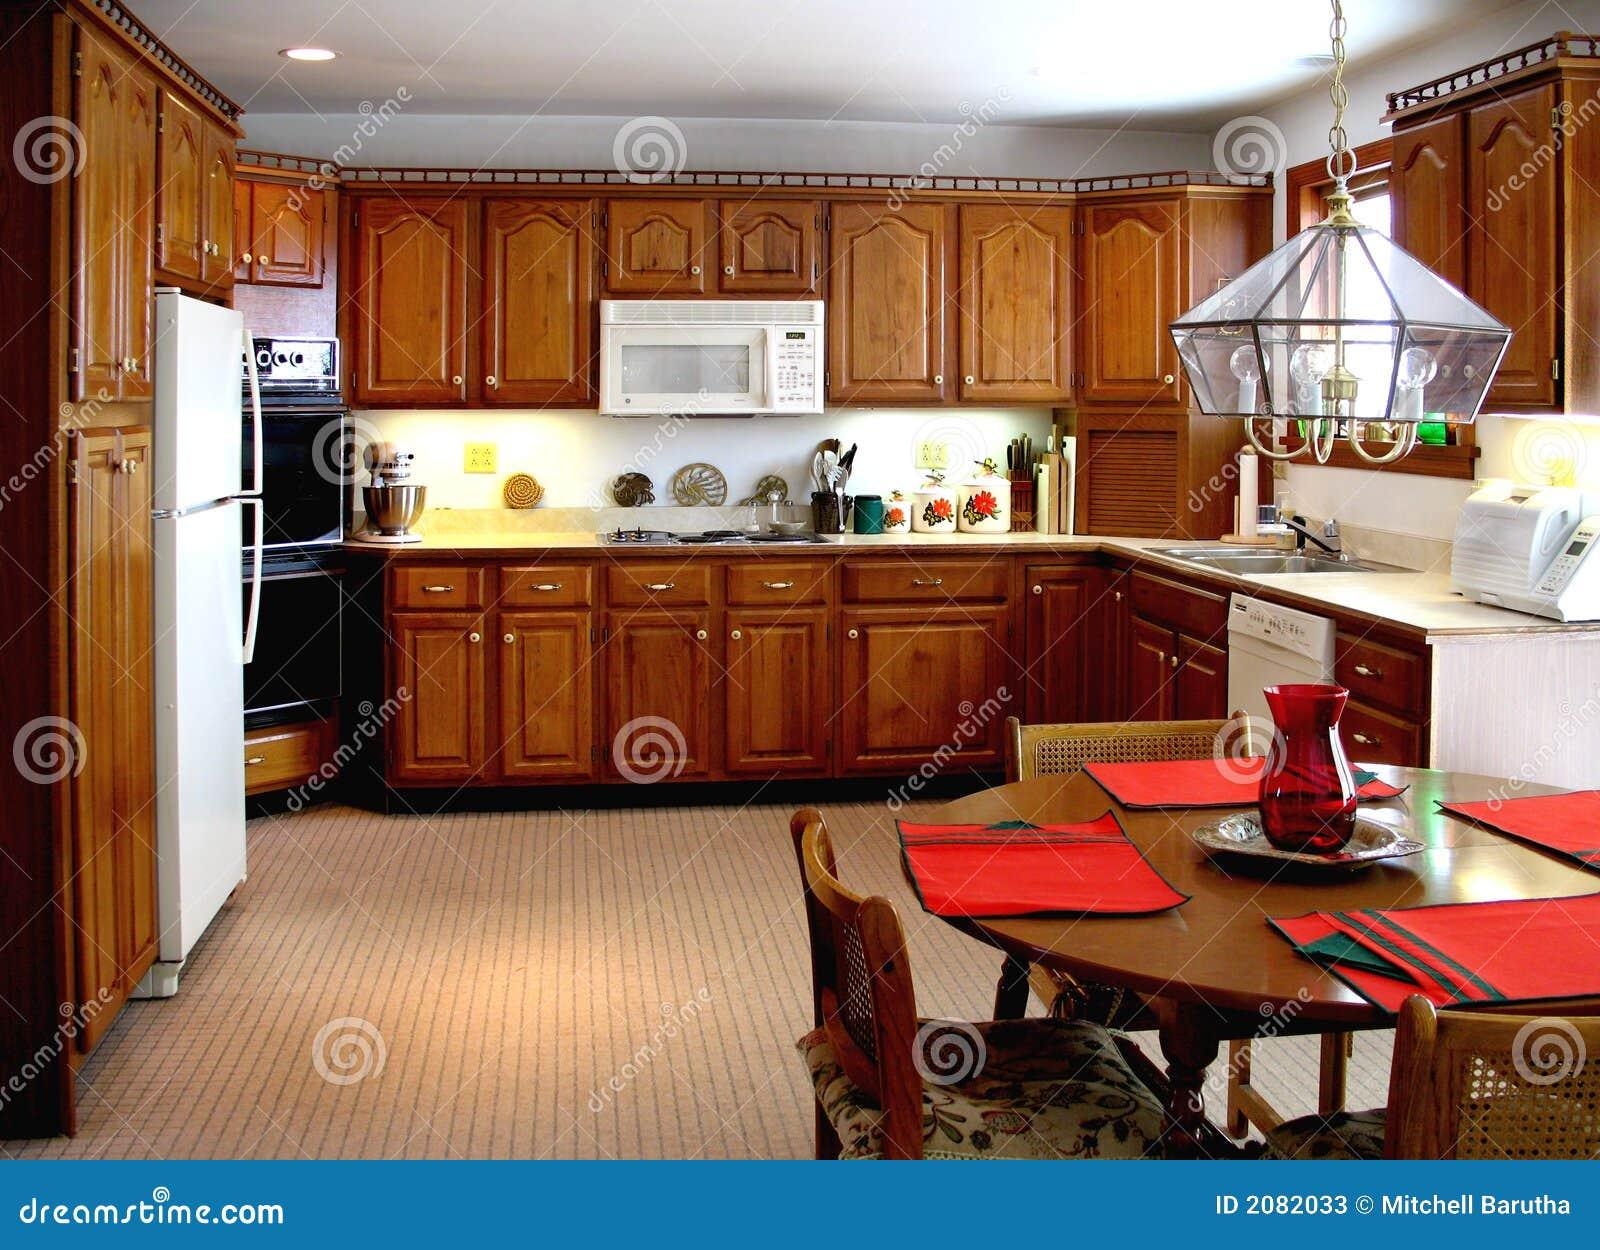 Una cocina más vieja